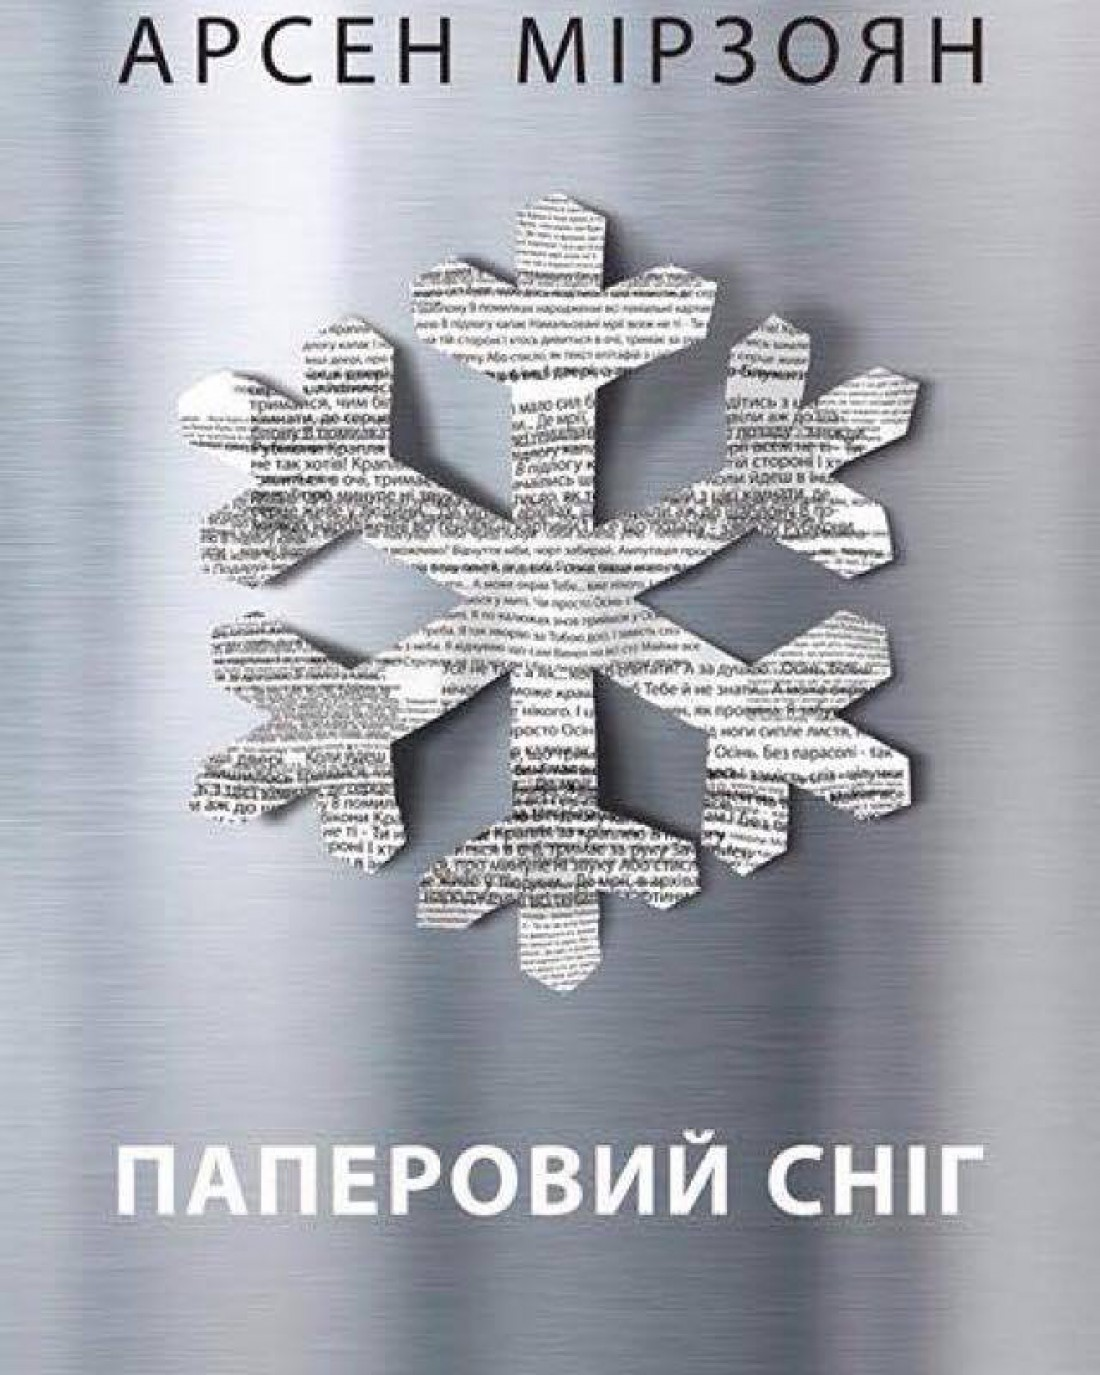 Обложка альбома Арсена Мирзояна